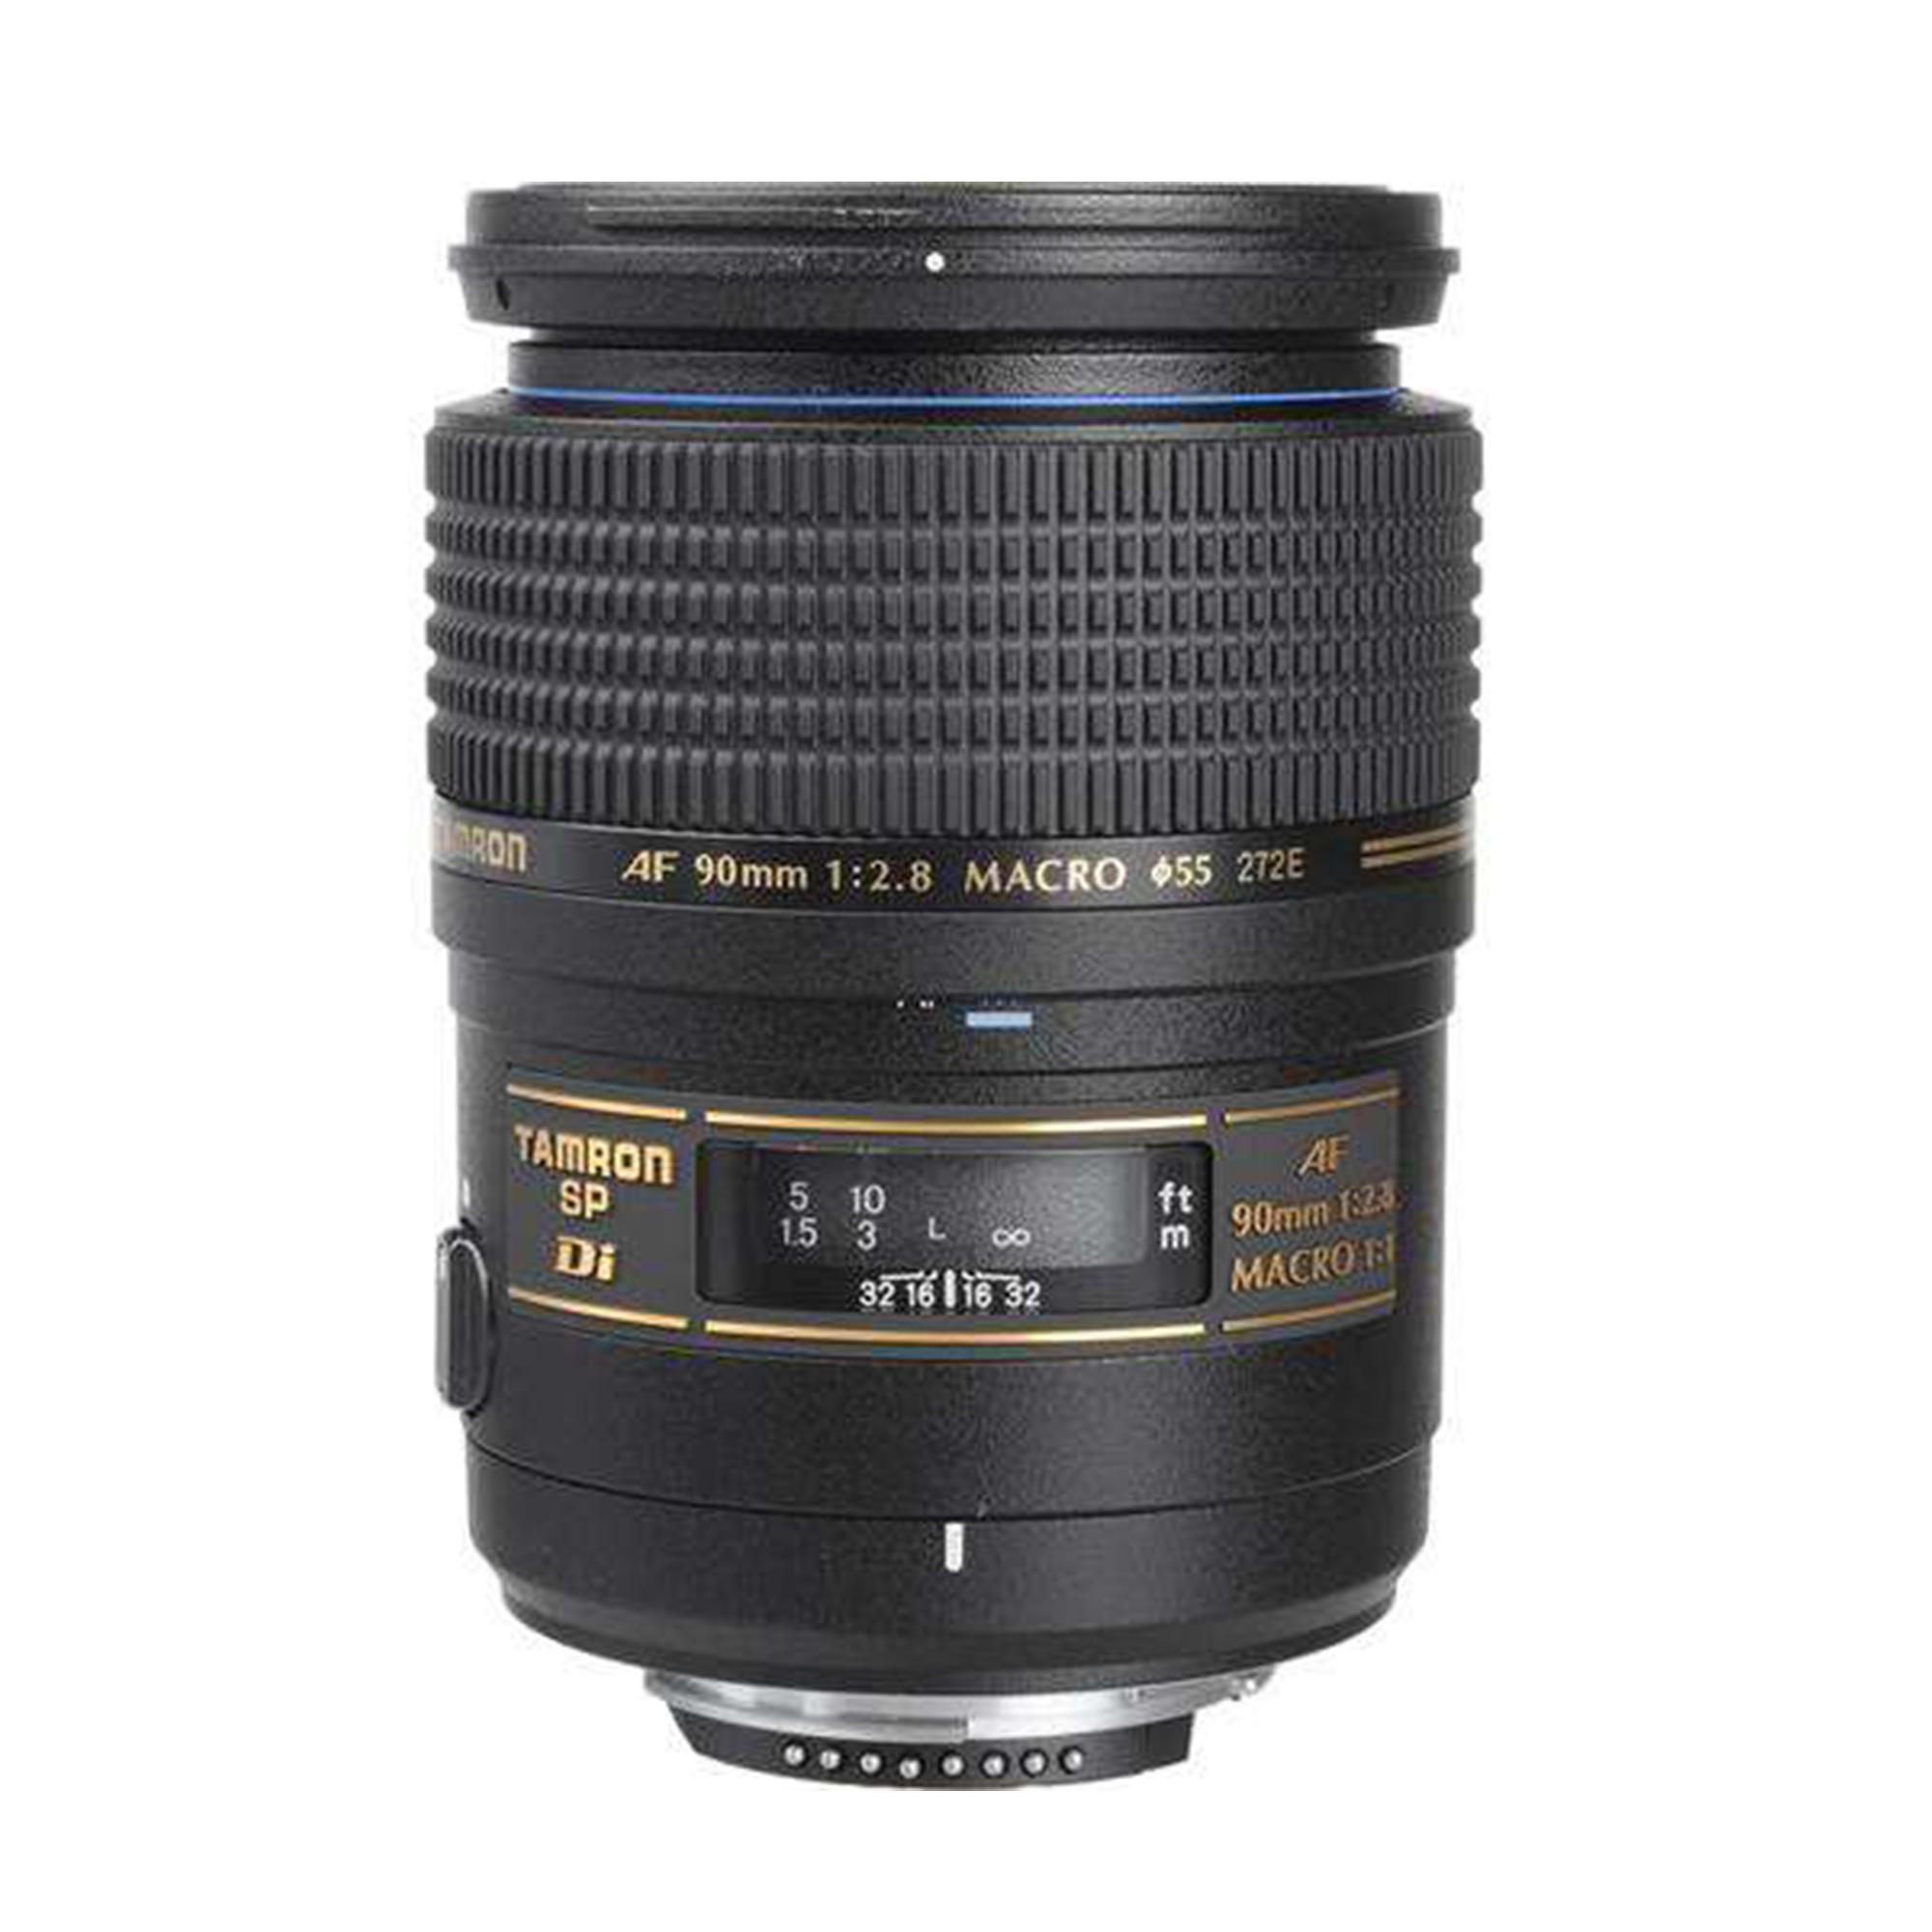 Tamron 90mm f/2.8 SP AF Di Macro Lens for Nikon AF